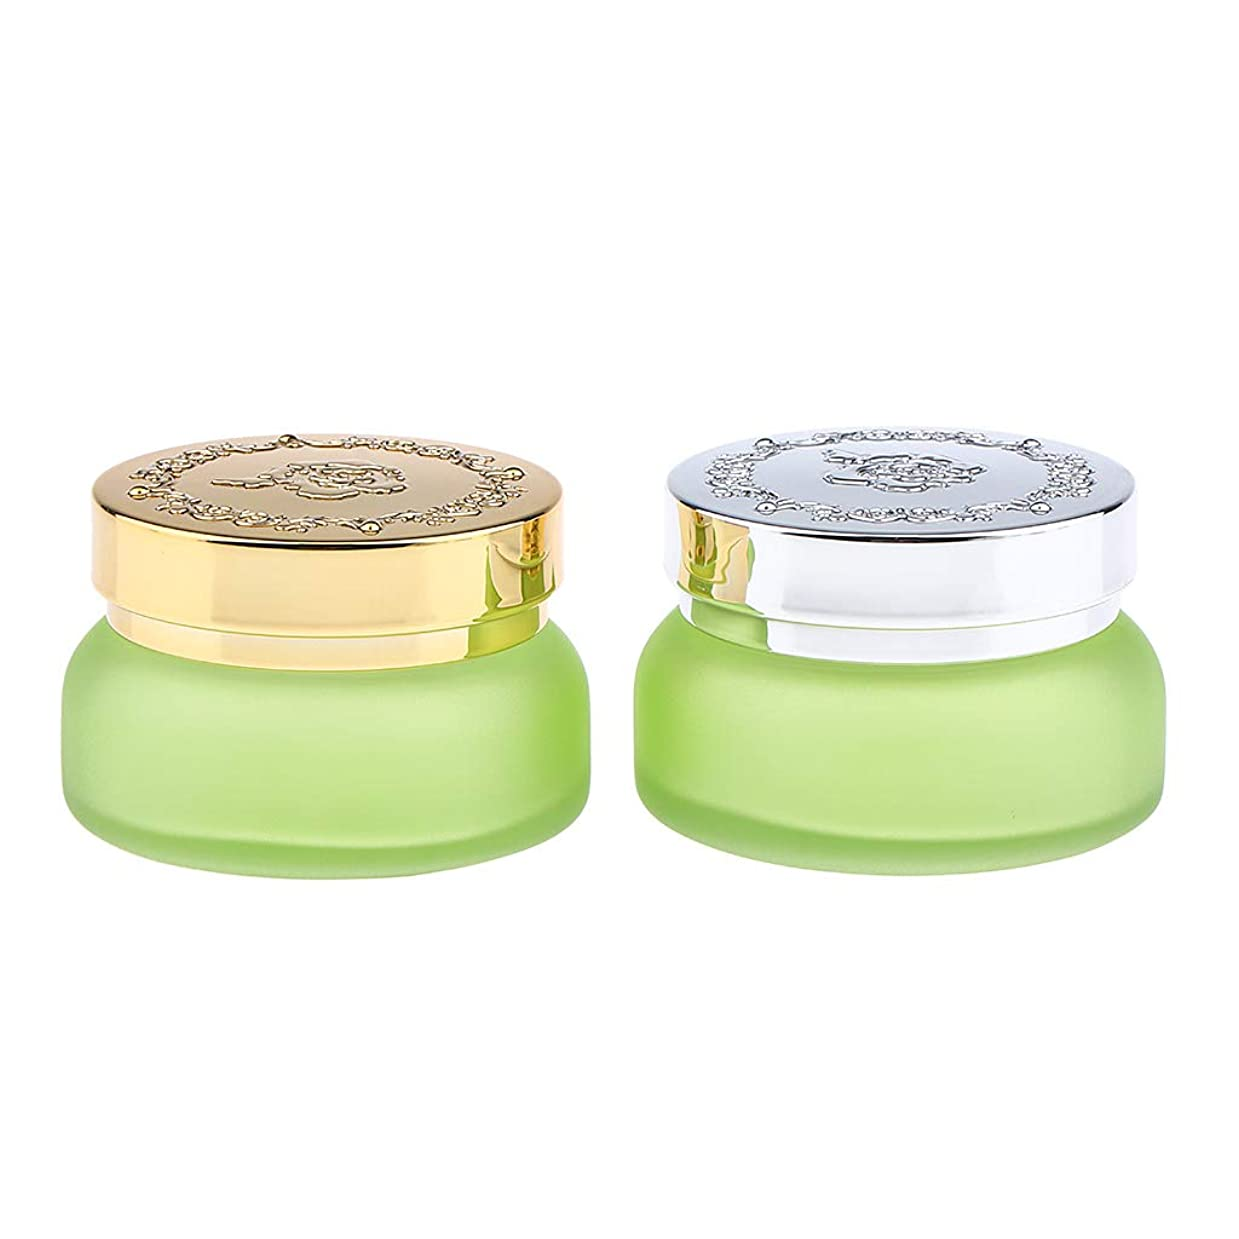 消化器再集計合併Perfeclan 2個 ガラス製 空き缶 フェイスクリーム ボトル 化粧品容器 小分け容器 詰め替え 全2サイズ - 容量30g